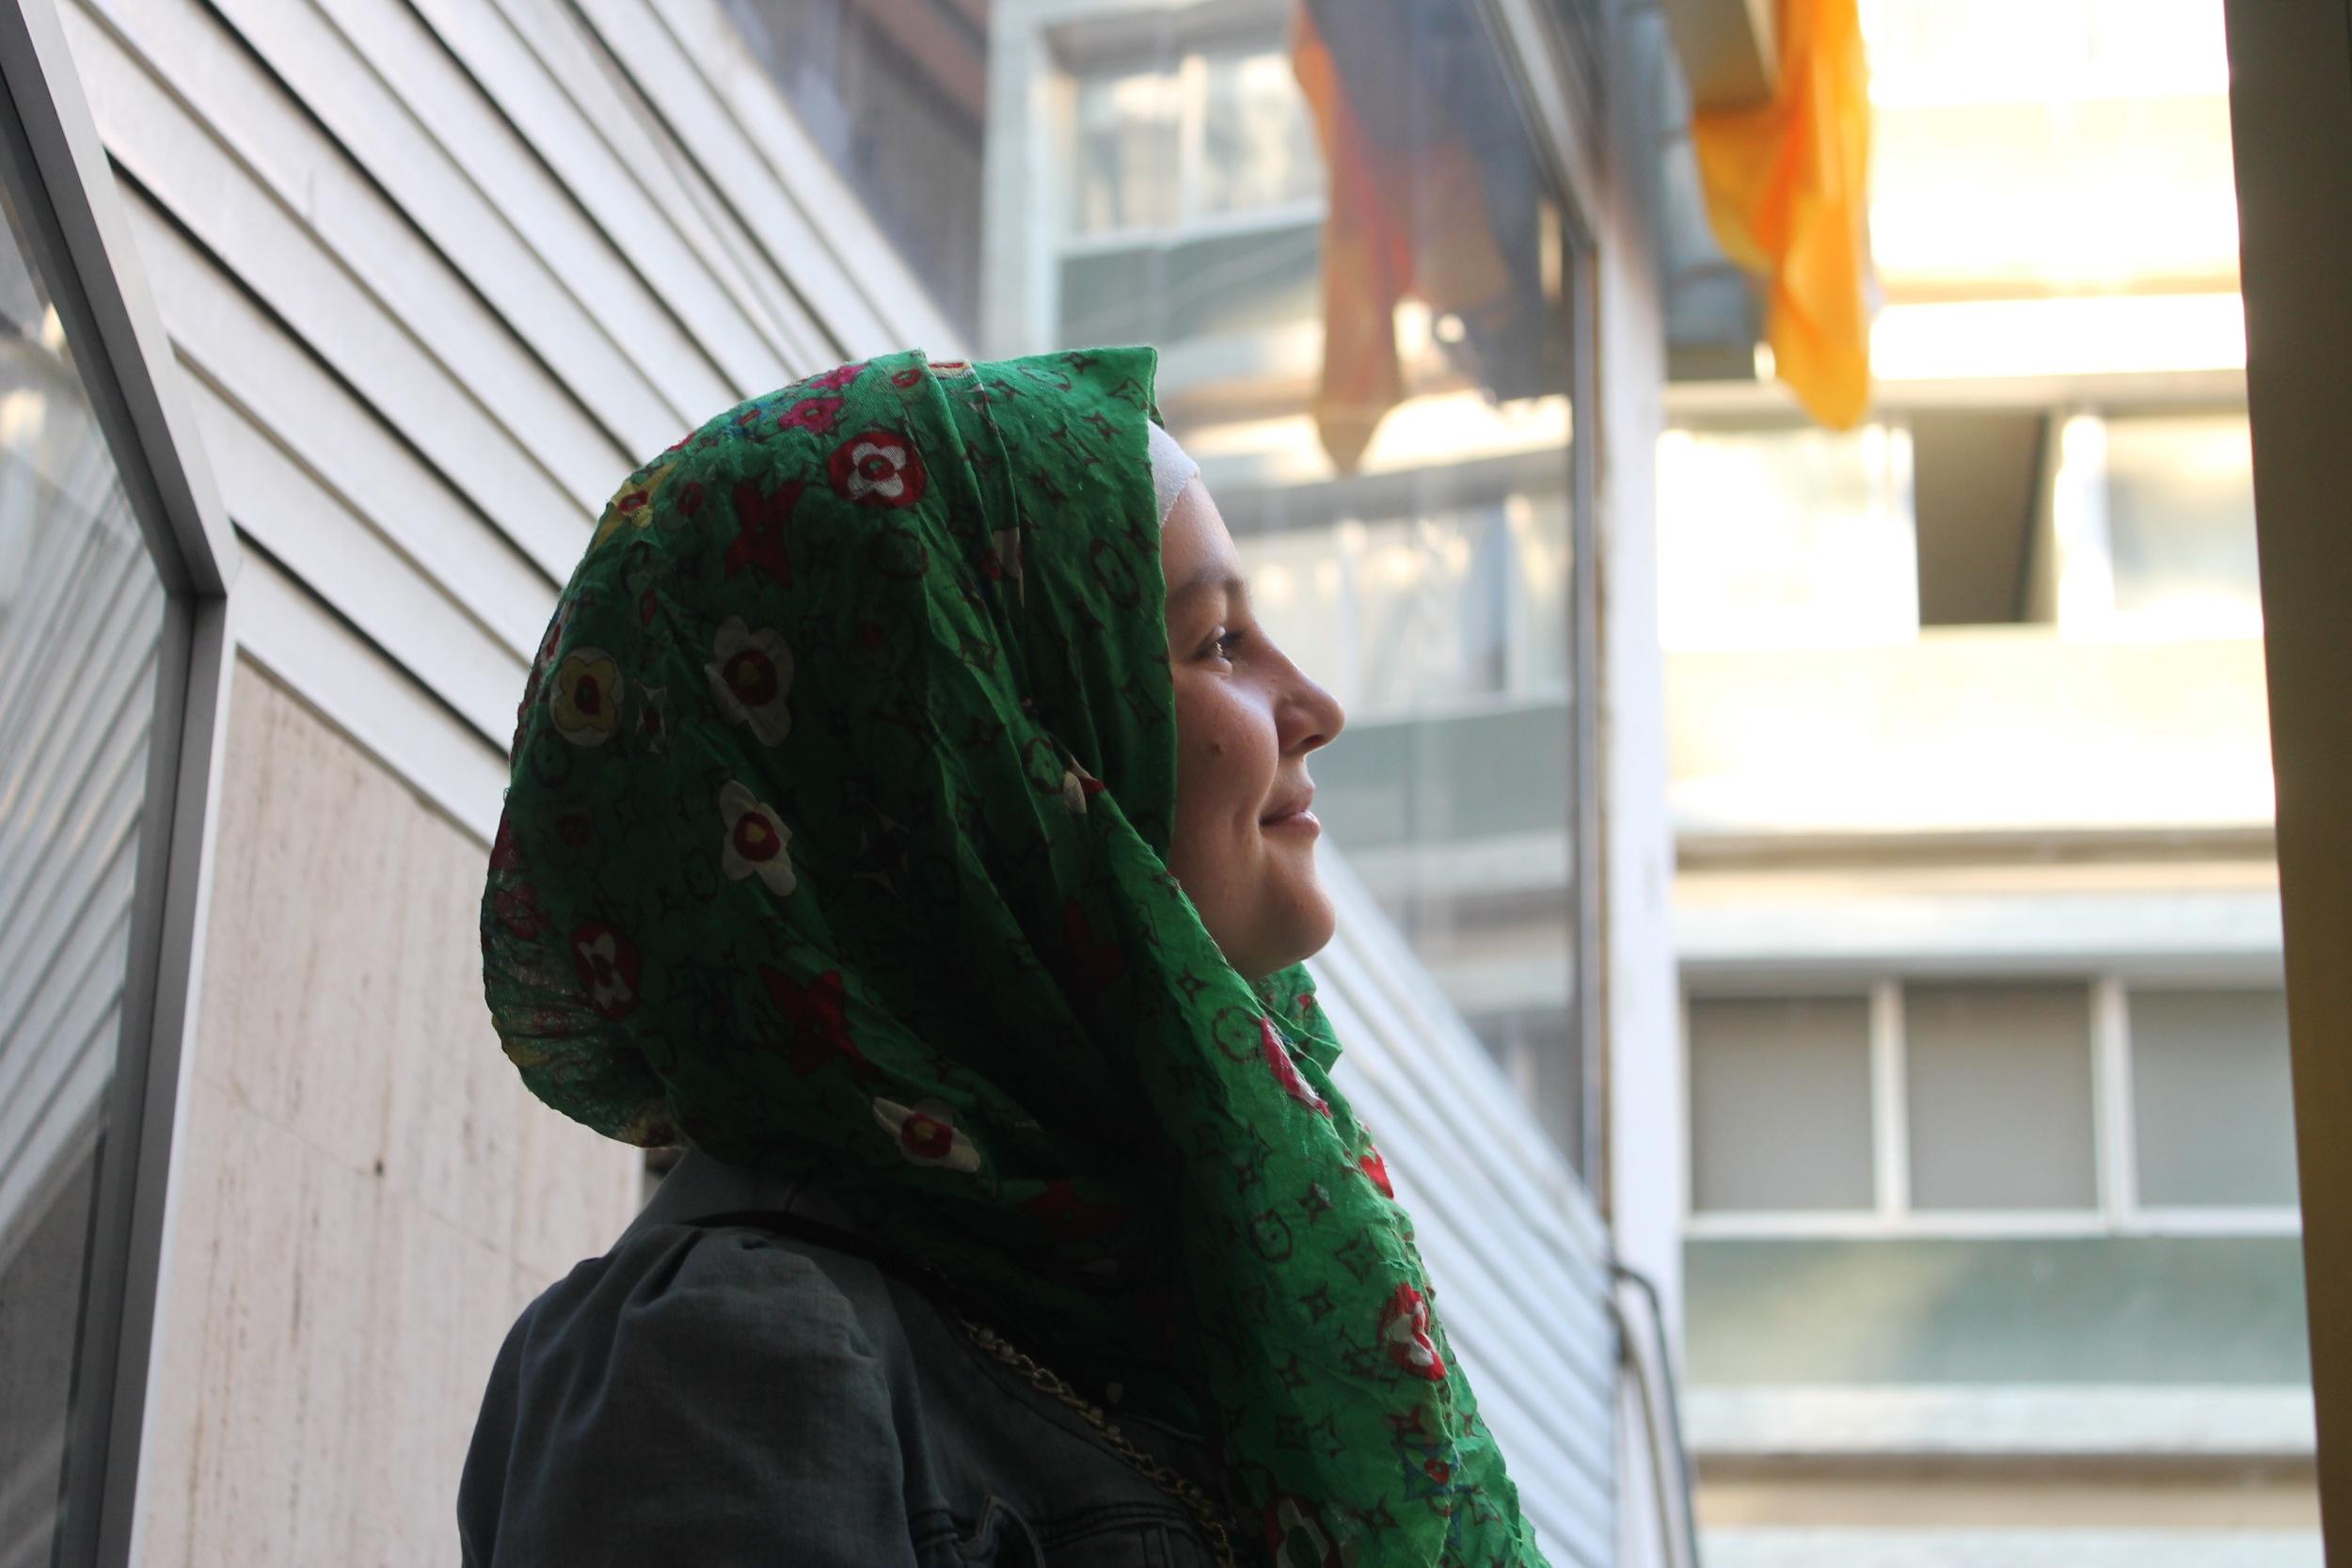 Hamida INARA Arwa Damon Syria CNN Refugee children